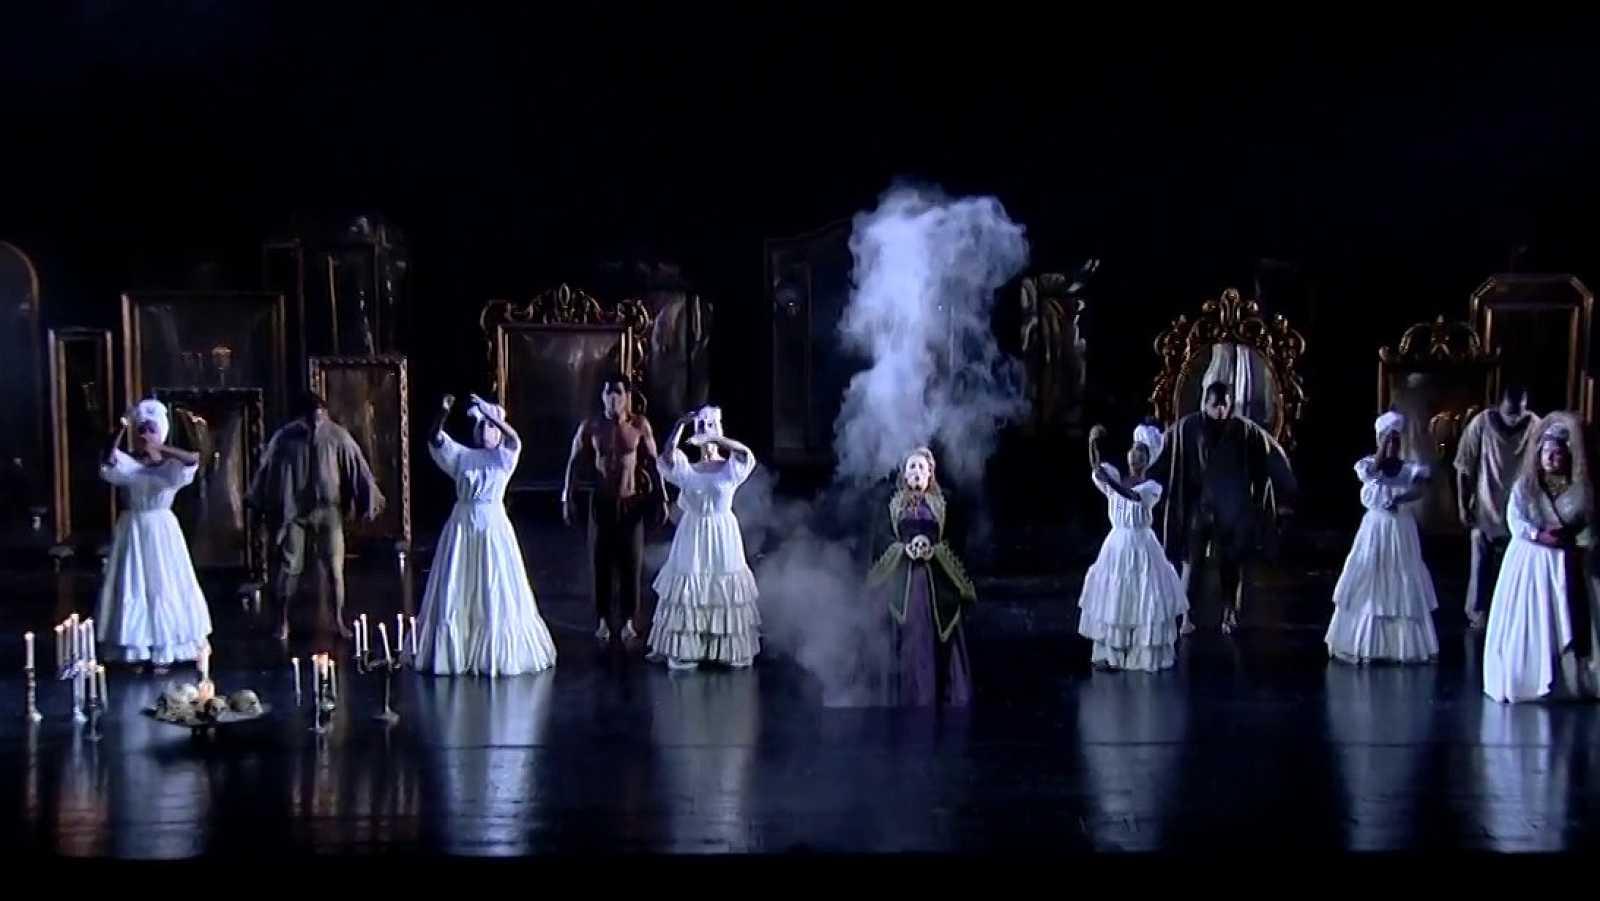 El Teatro Real reabre con mascarillas y con la obra 'Un ballo in maschera' de Verdi